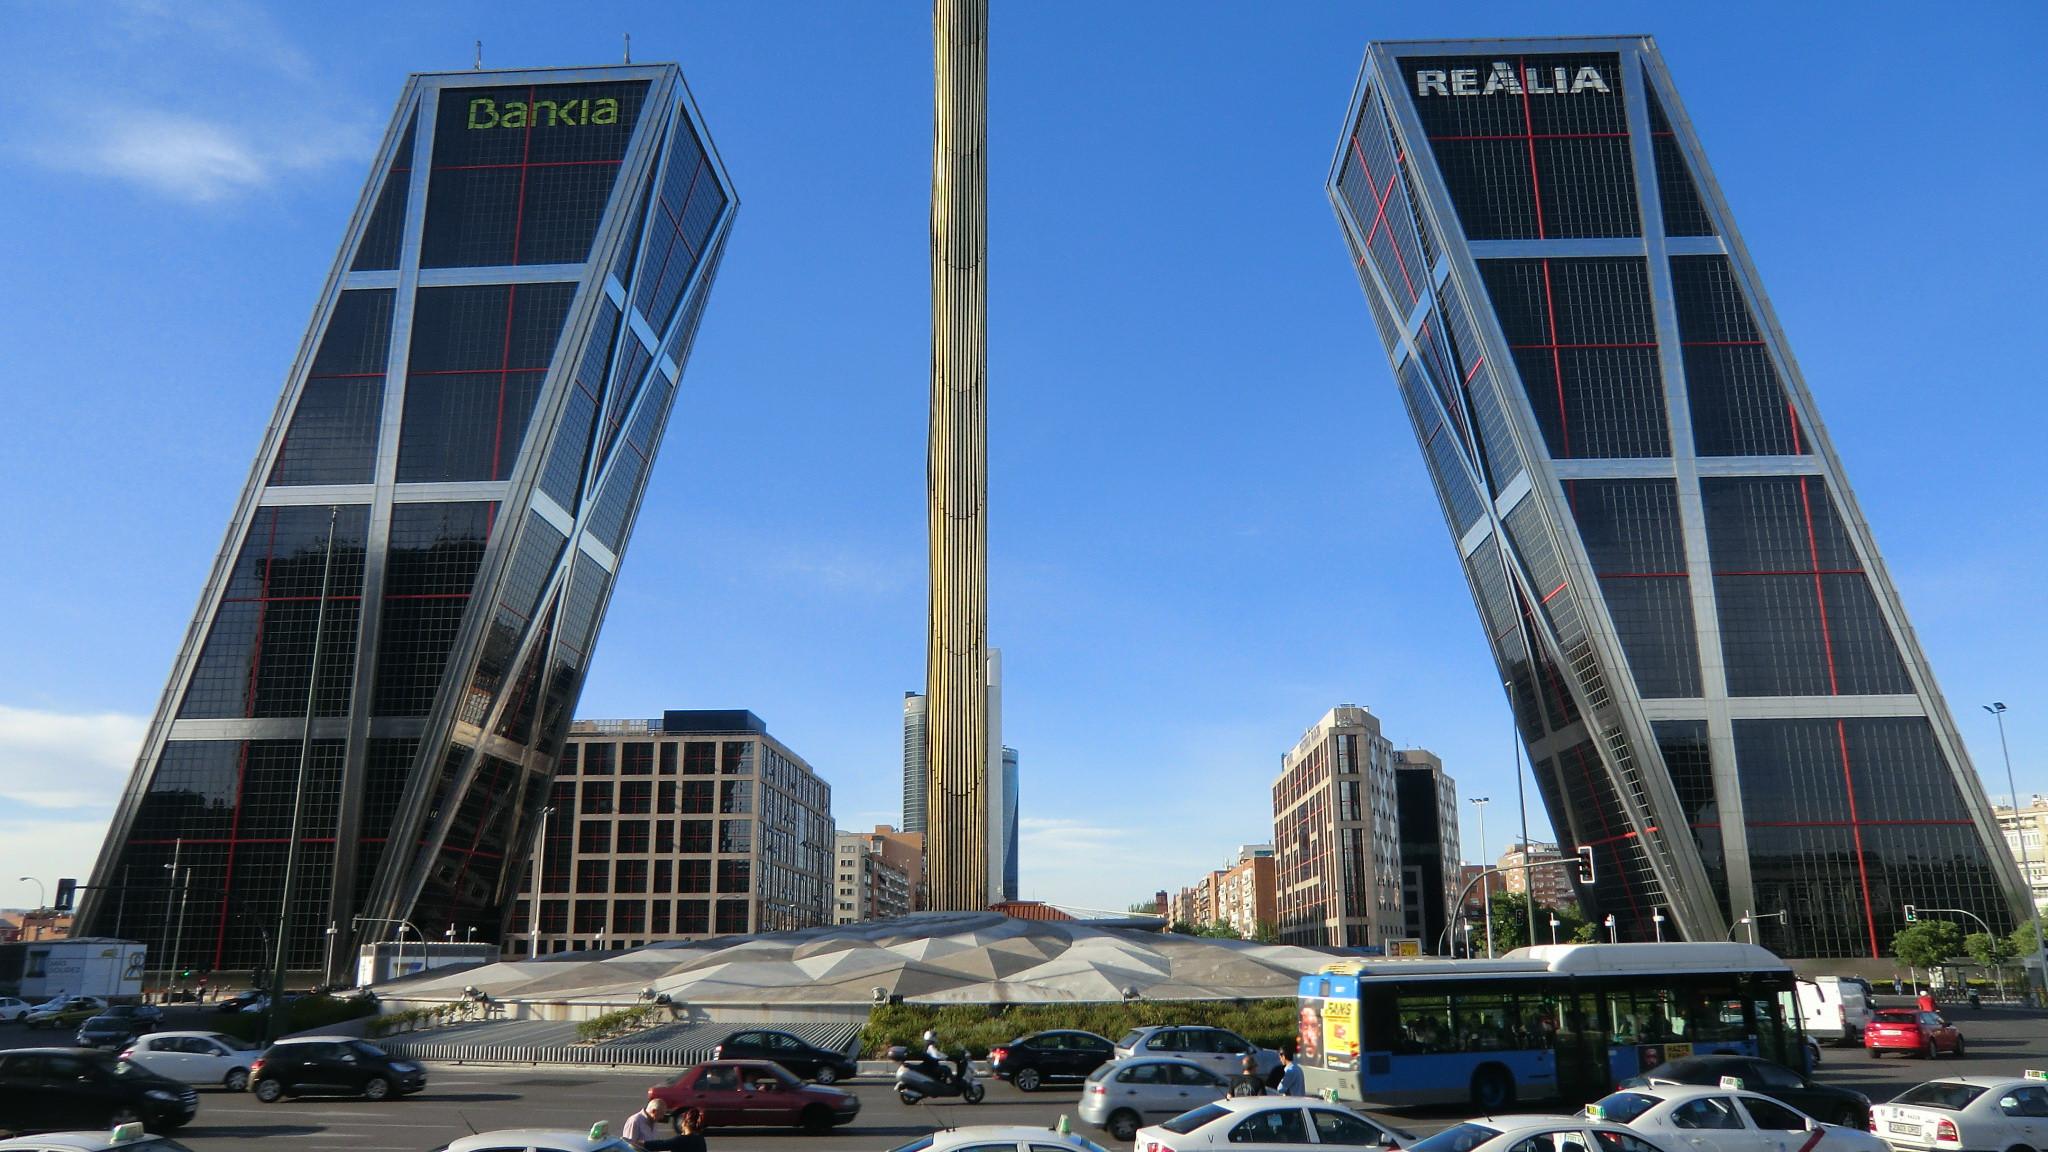 Plaza de Castilla a Madrid. Foto Reinhard Link